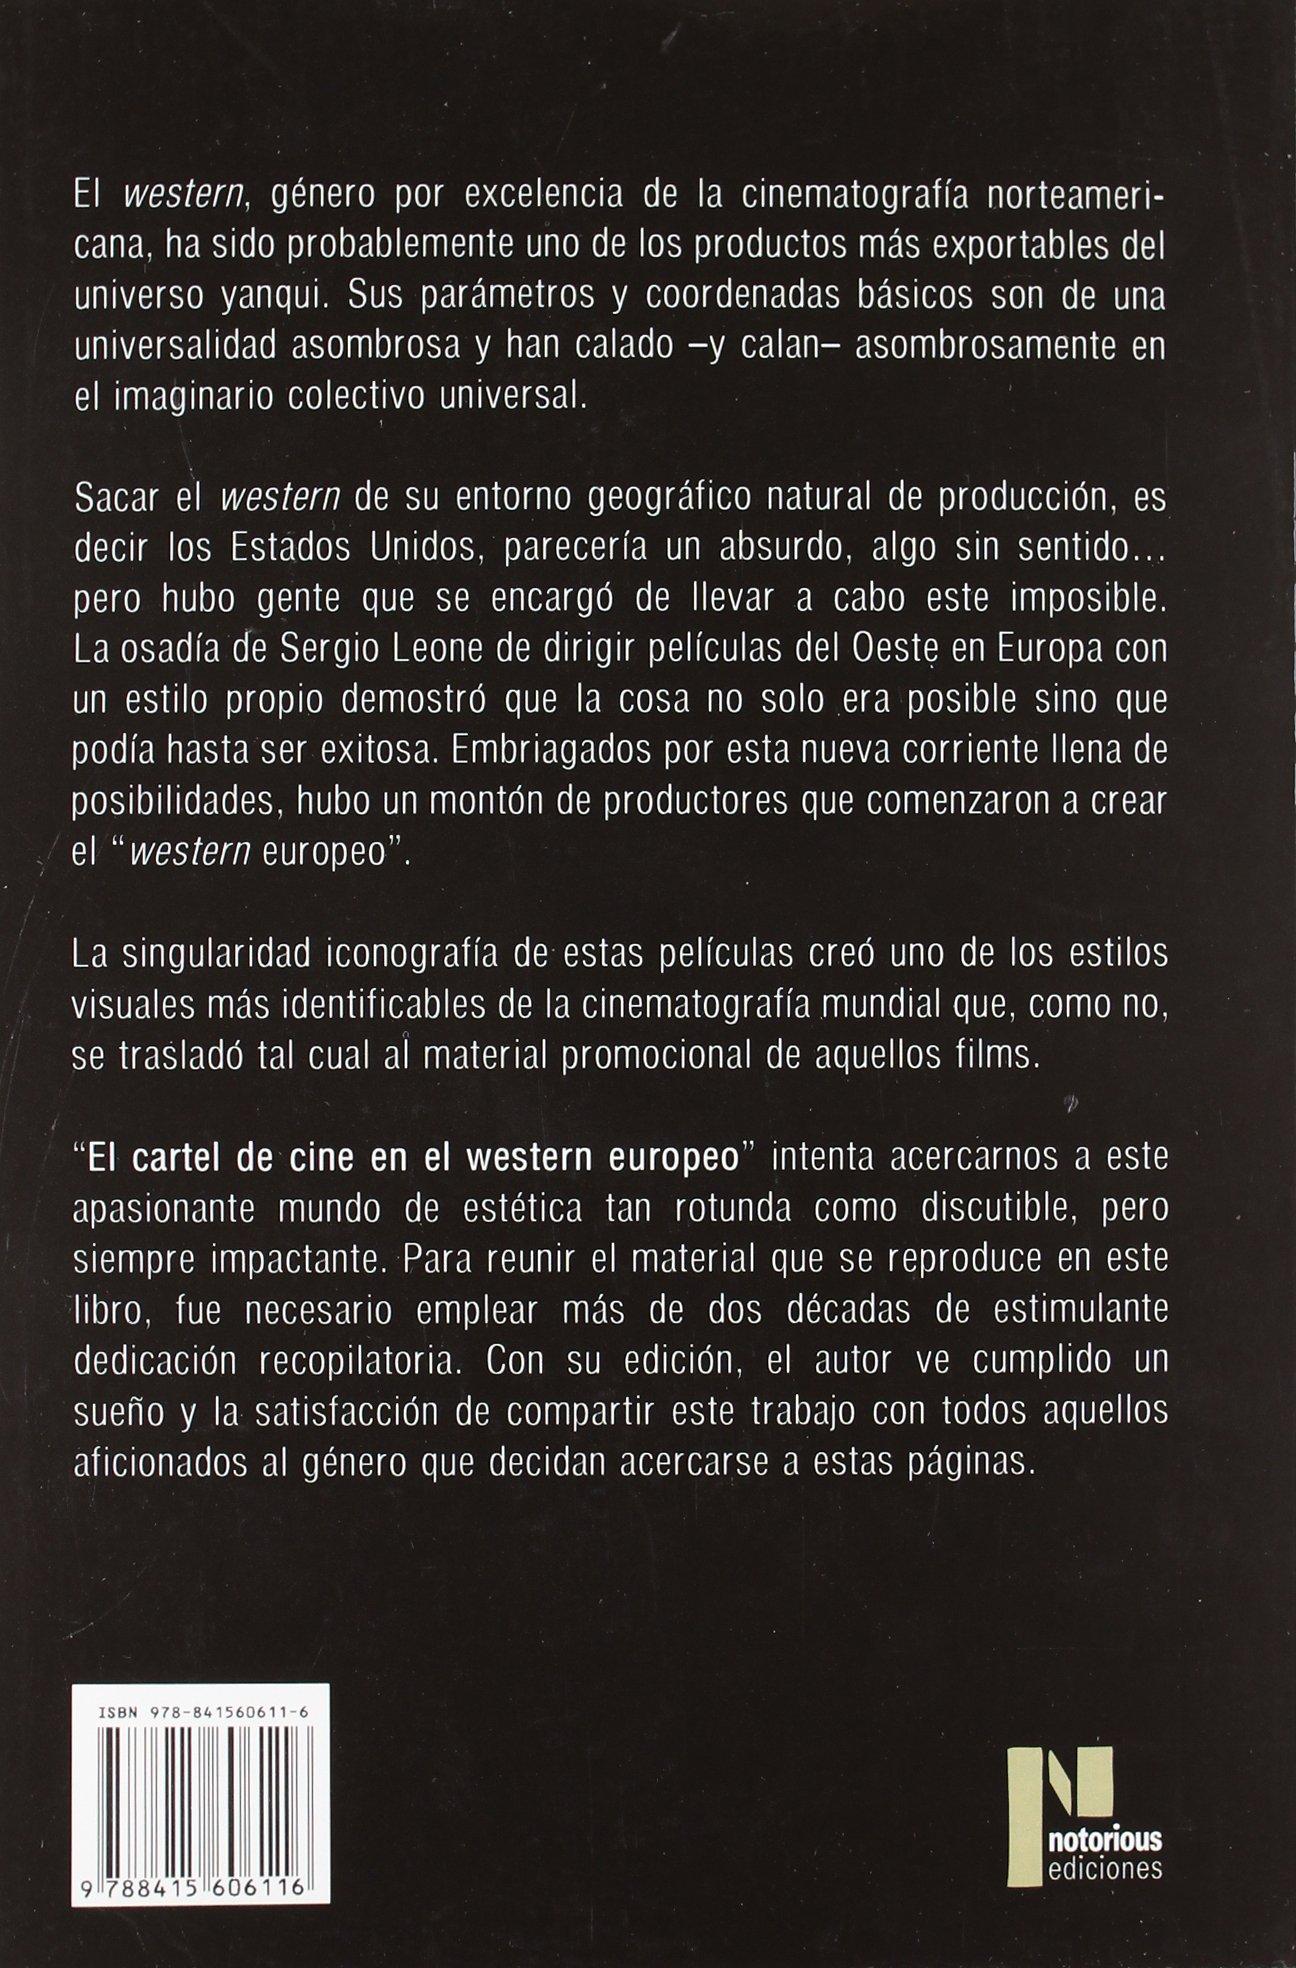 El cartel de cine en el western europeo : el spaguetti ...